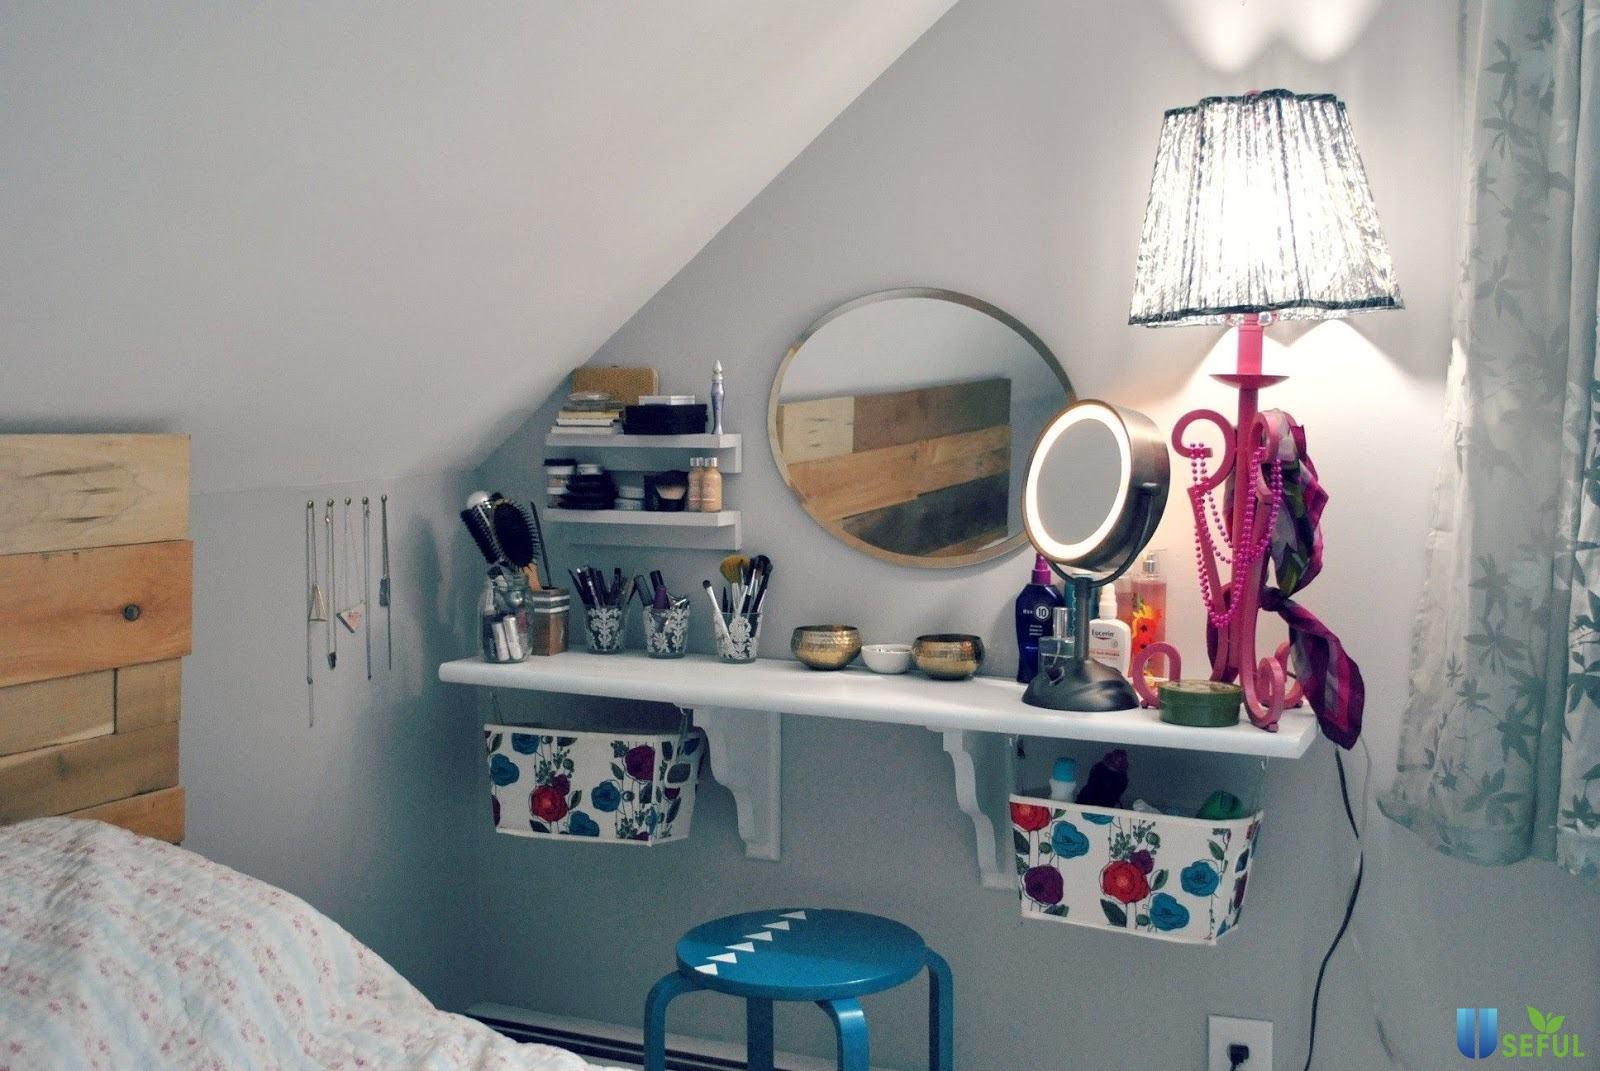 Bàn trang điểm treo tường mẫu 10 với thiết kế gương tròn đẹp mắt kết hợp với bàn màu trắng rất tinh tế mà không kém phần sang trọng